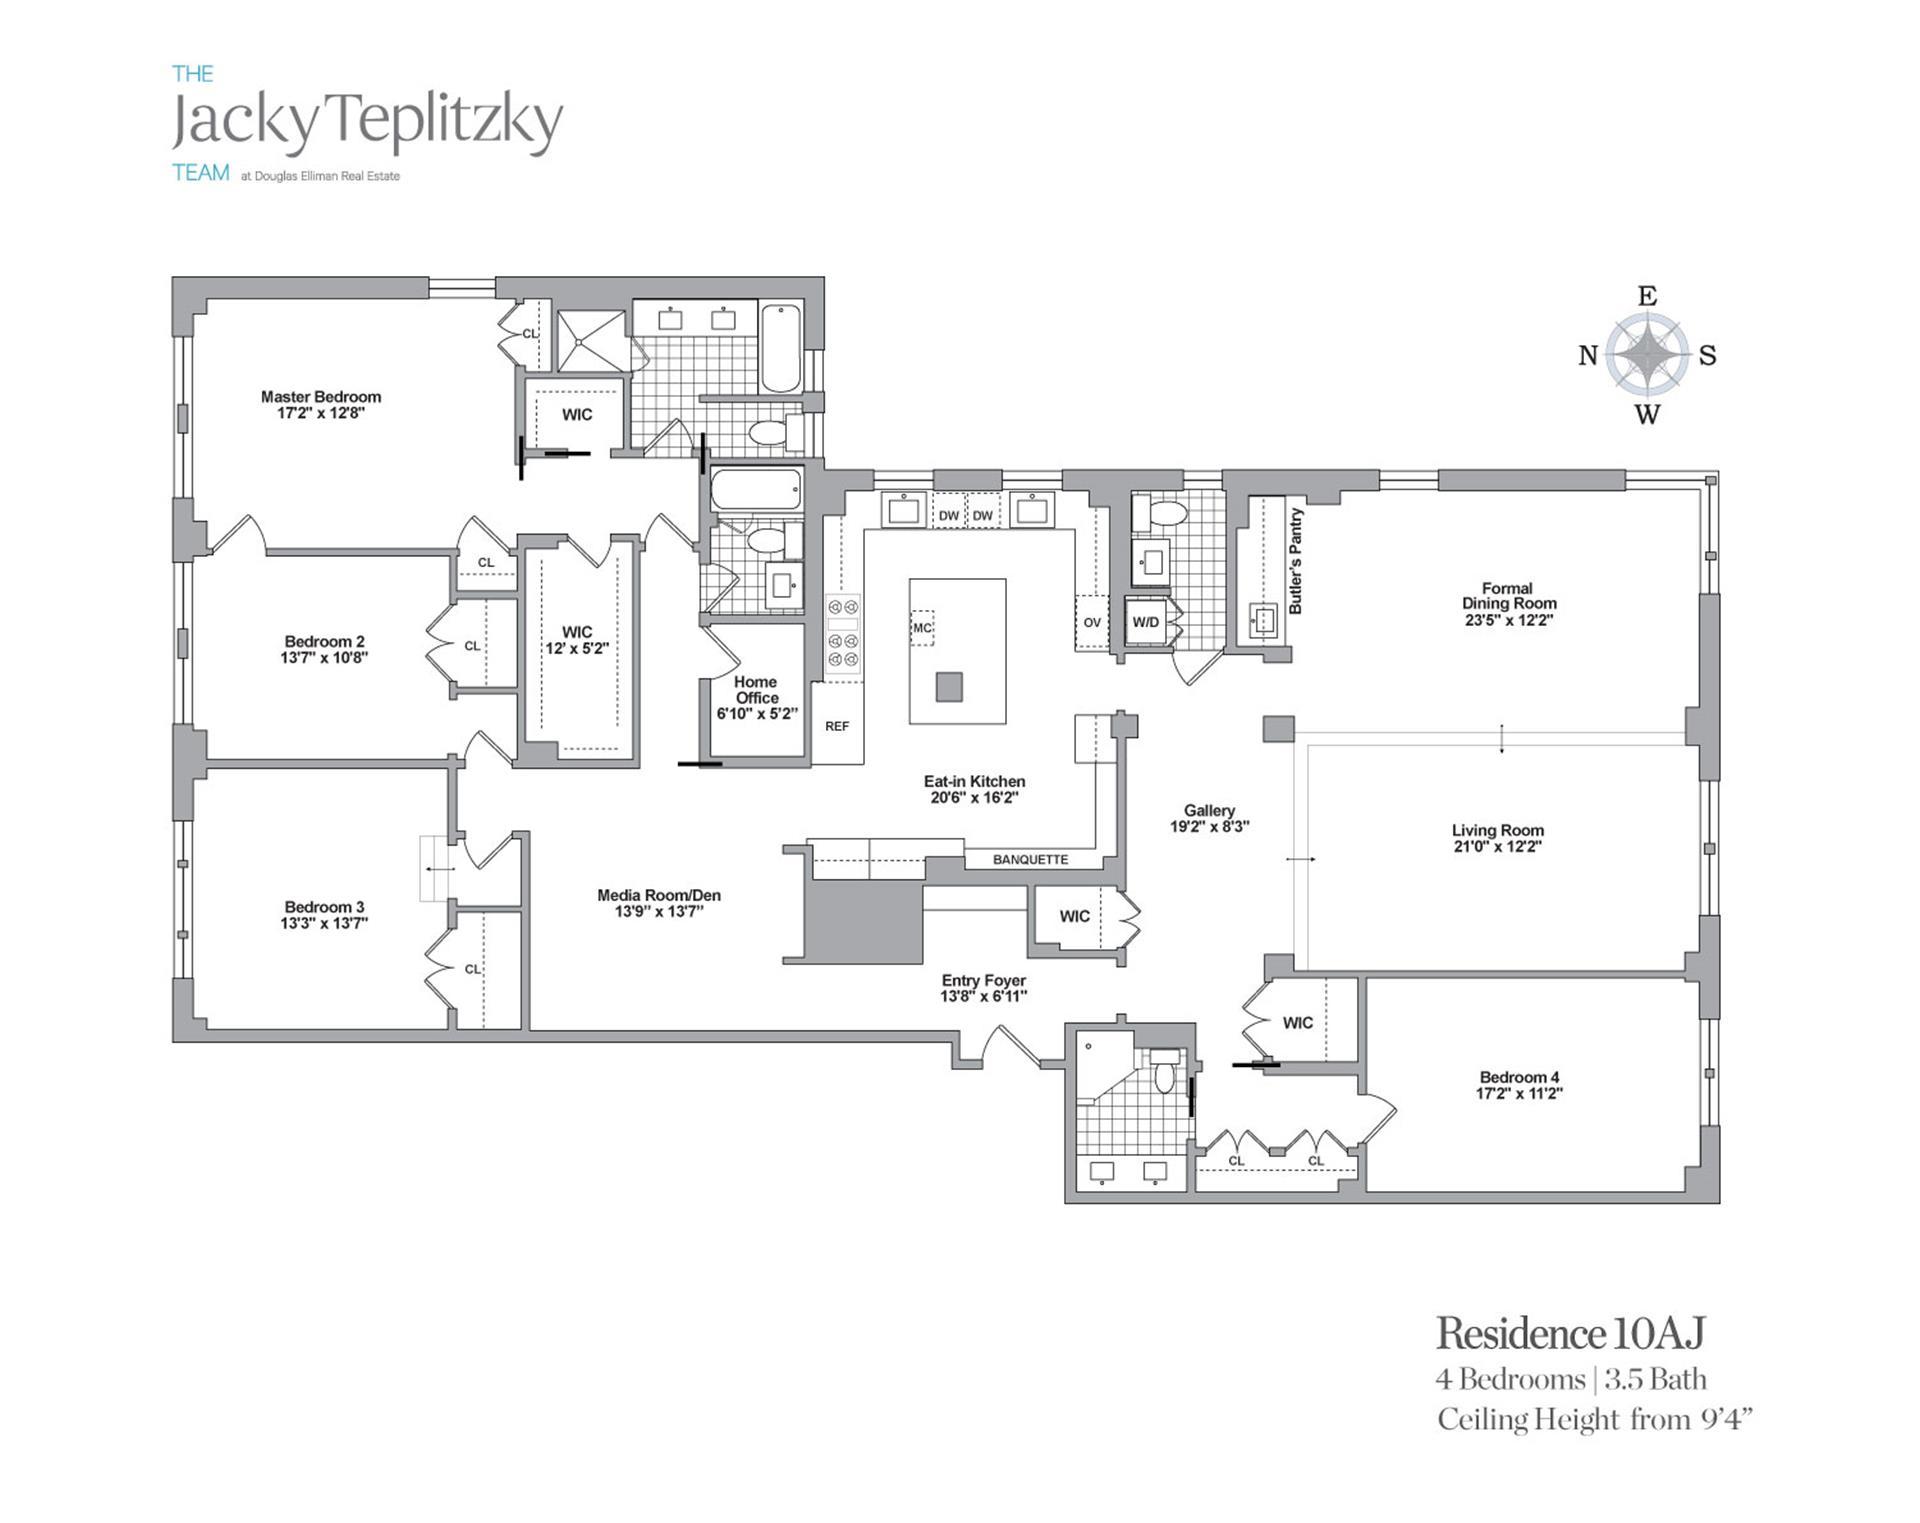 Floor plan of 152 East 94th St, 10AJ - Upper East Side, New York